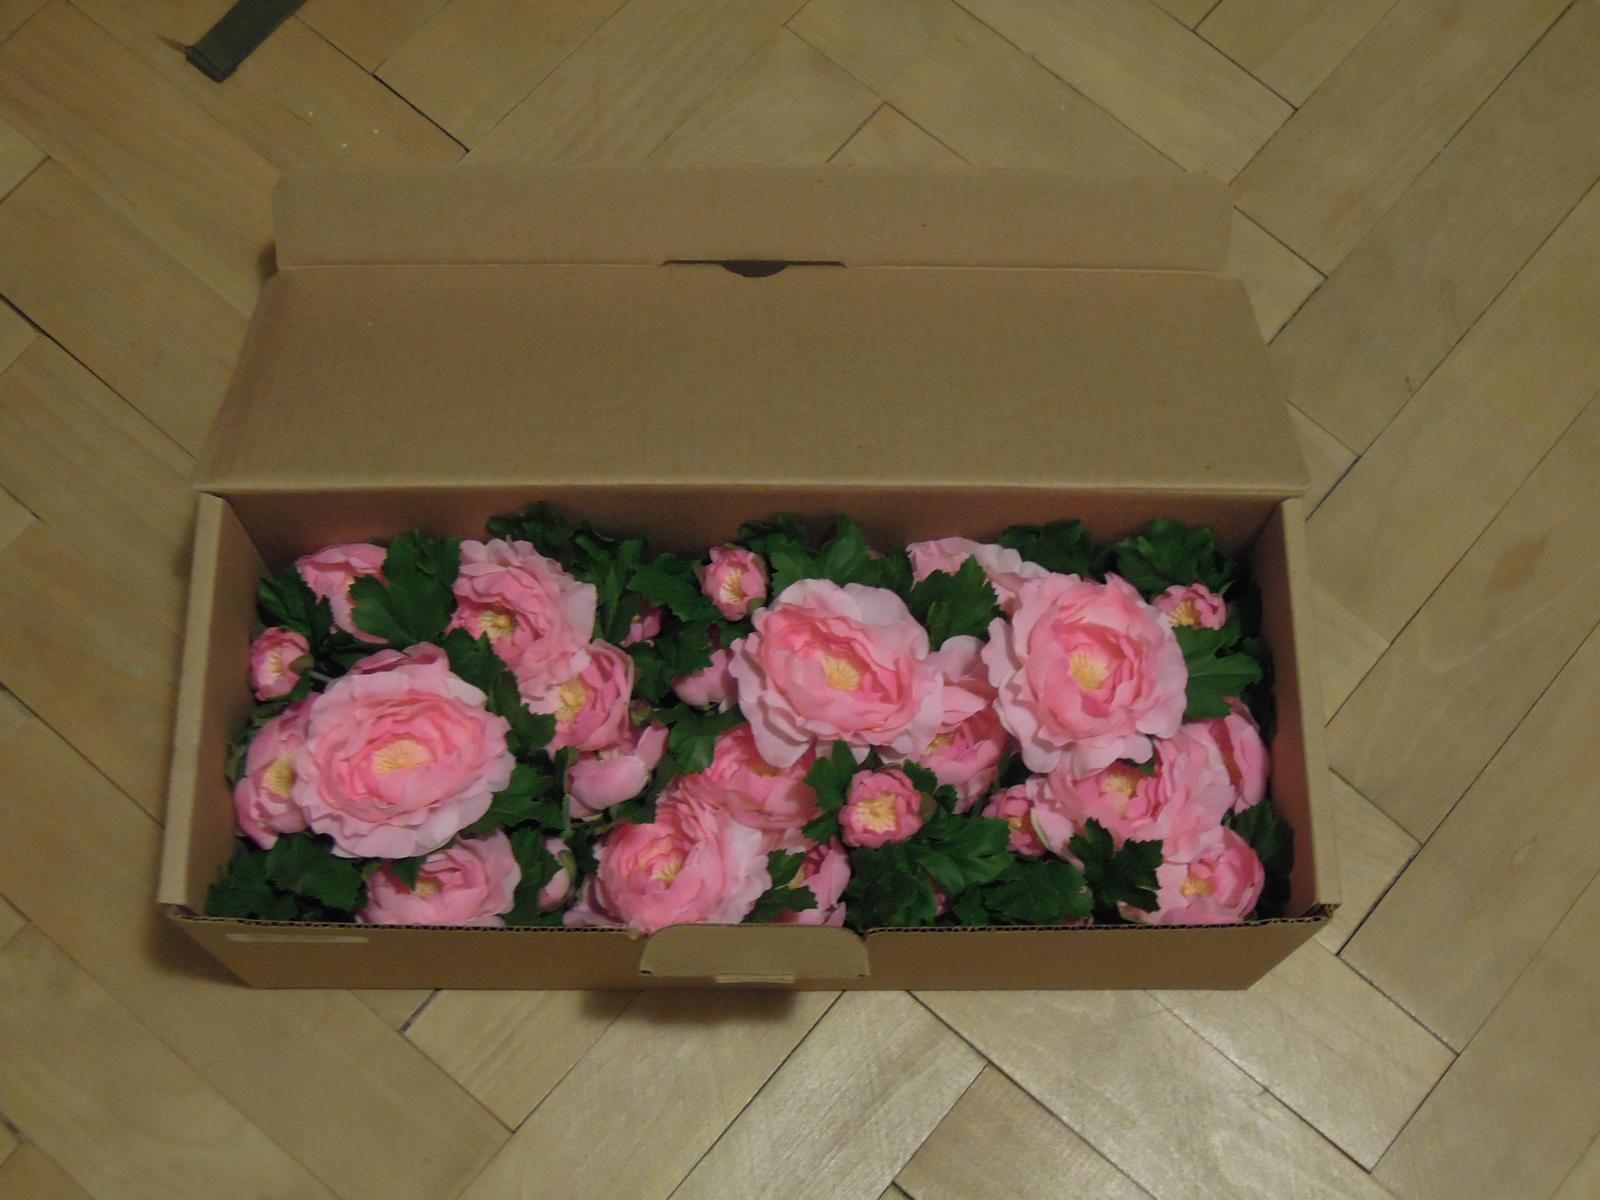 Pomaly zbieram... - Kvetinky nachystane vo svojich flastickach v krabici :-)